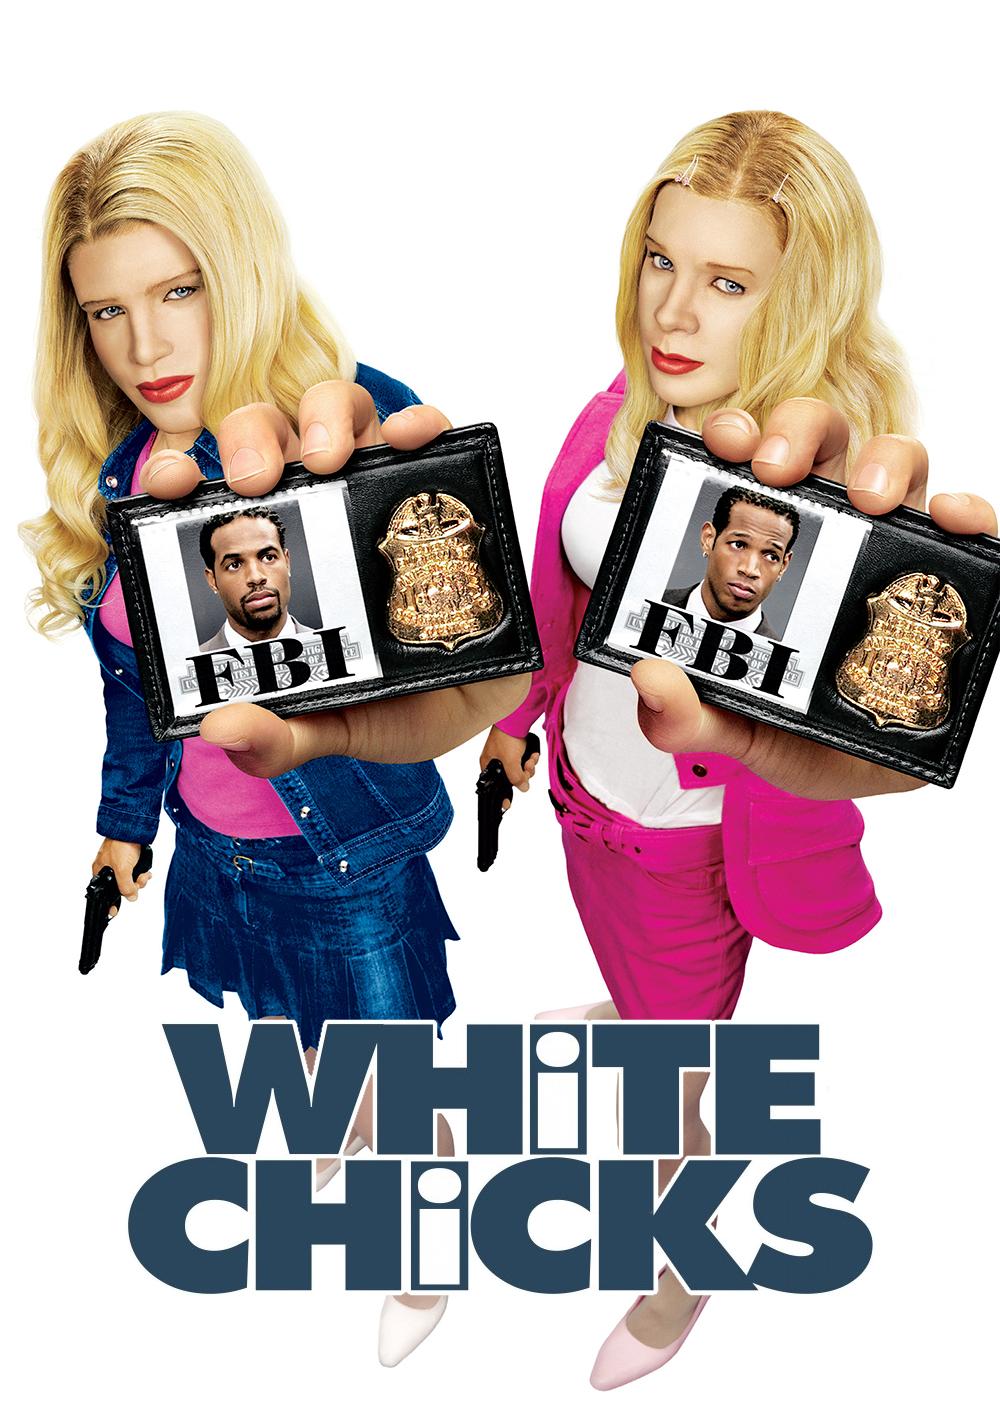 WhiteChicks 3